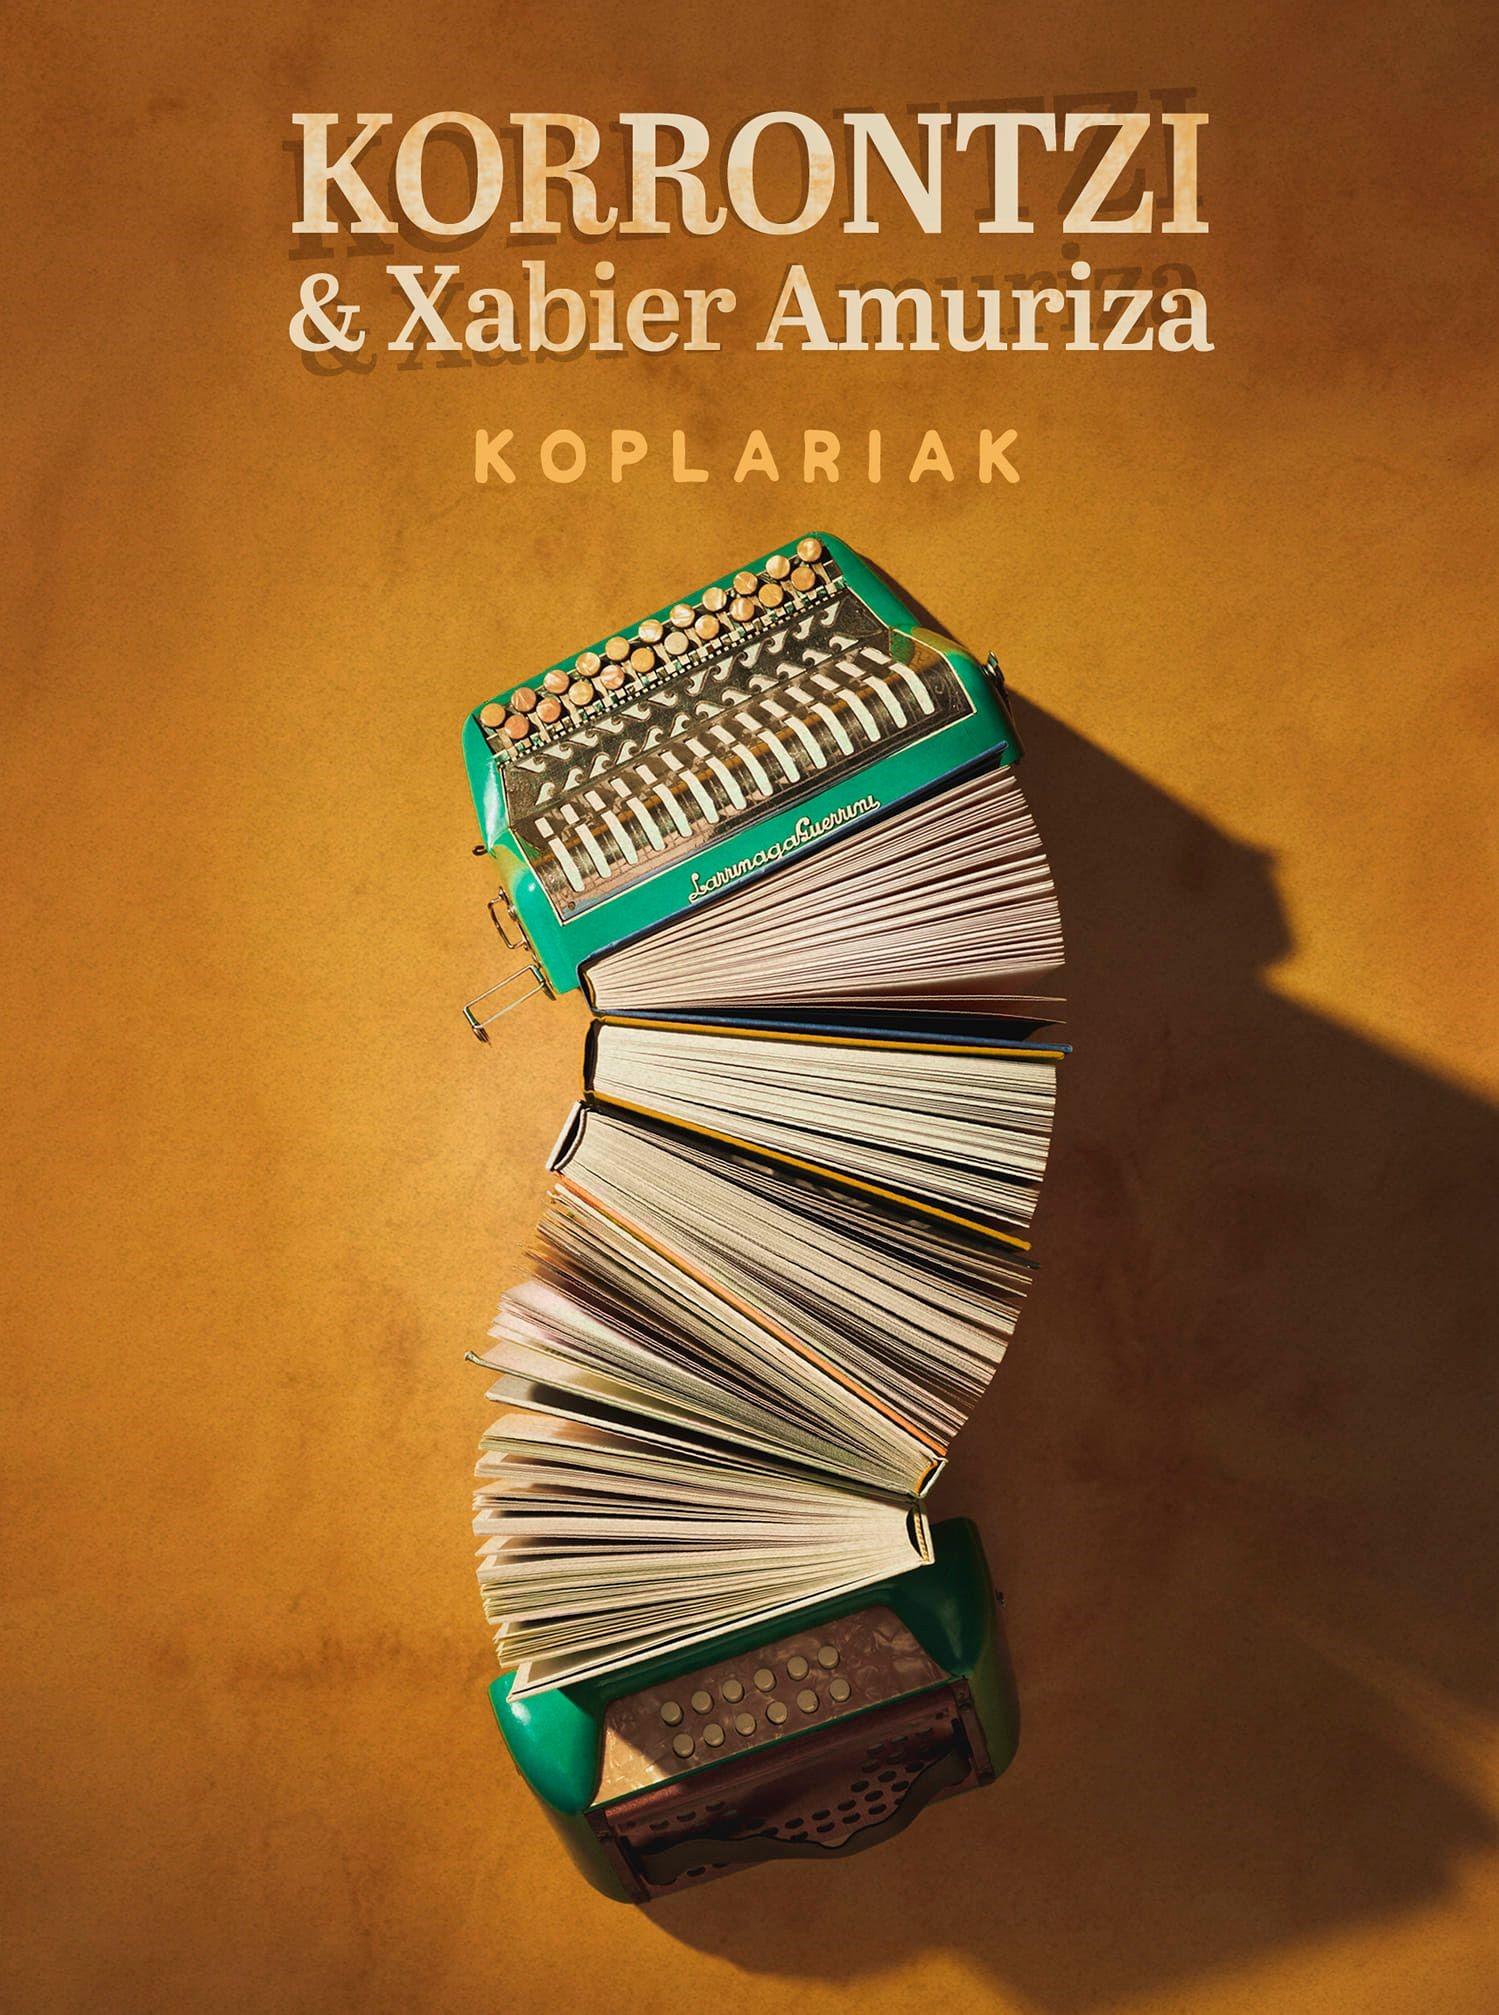 Koplariak - Korrontzi & Xabier Amuriza